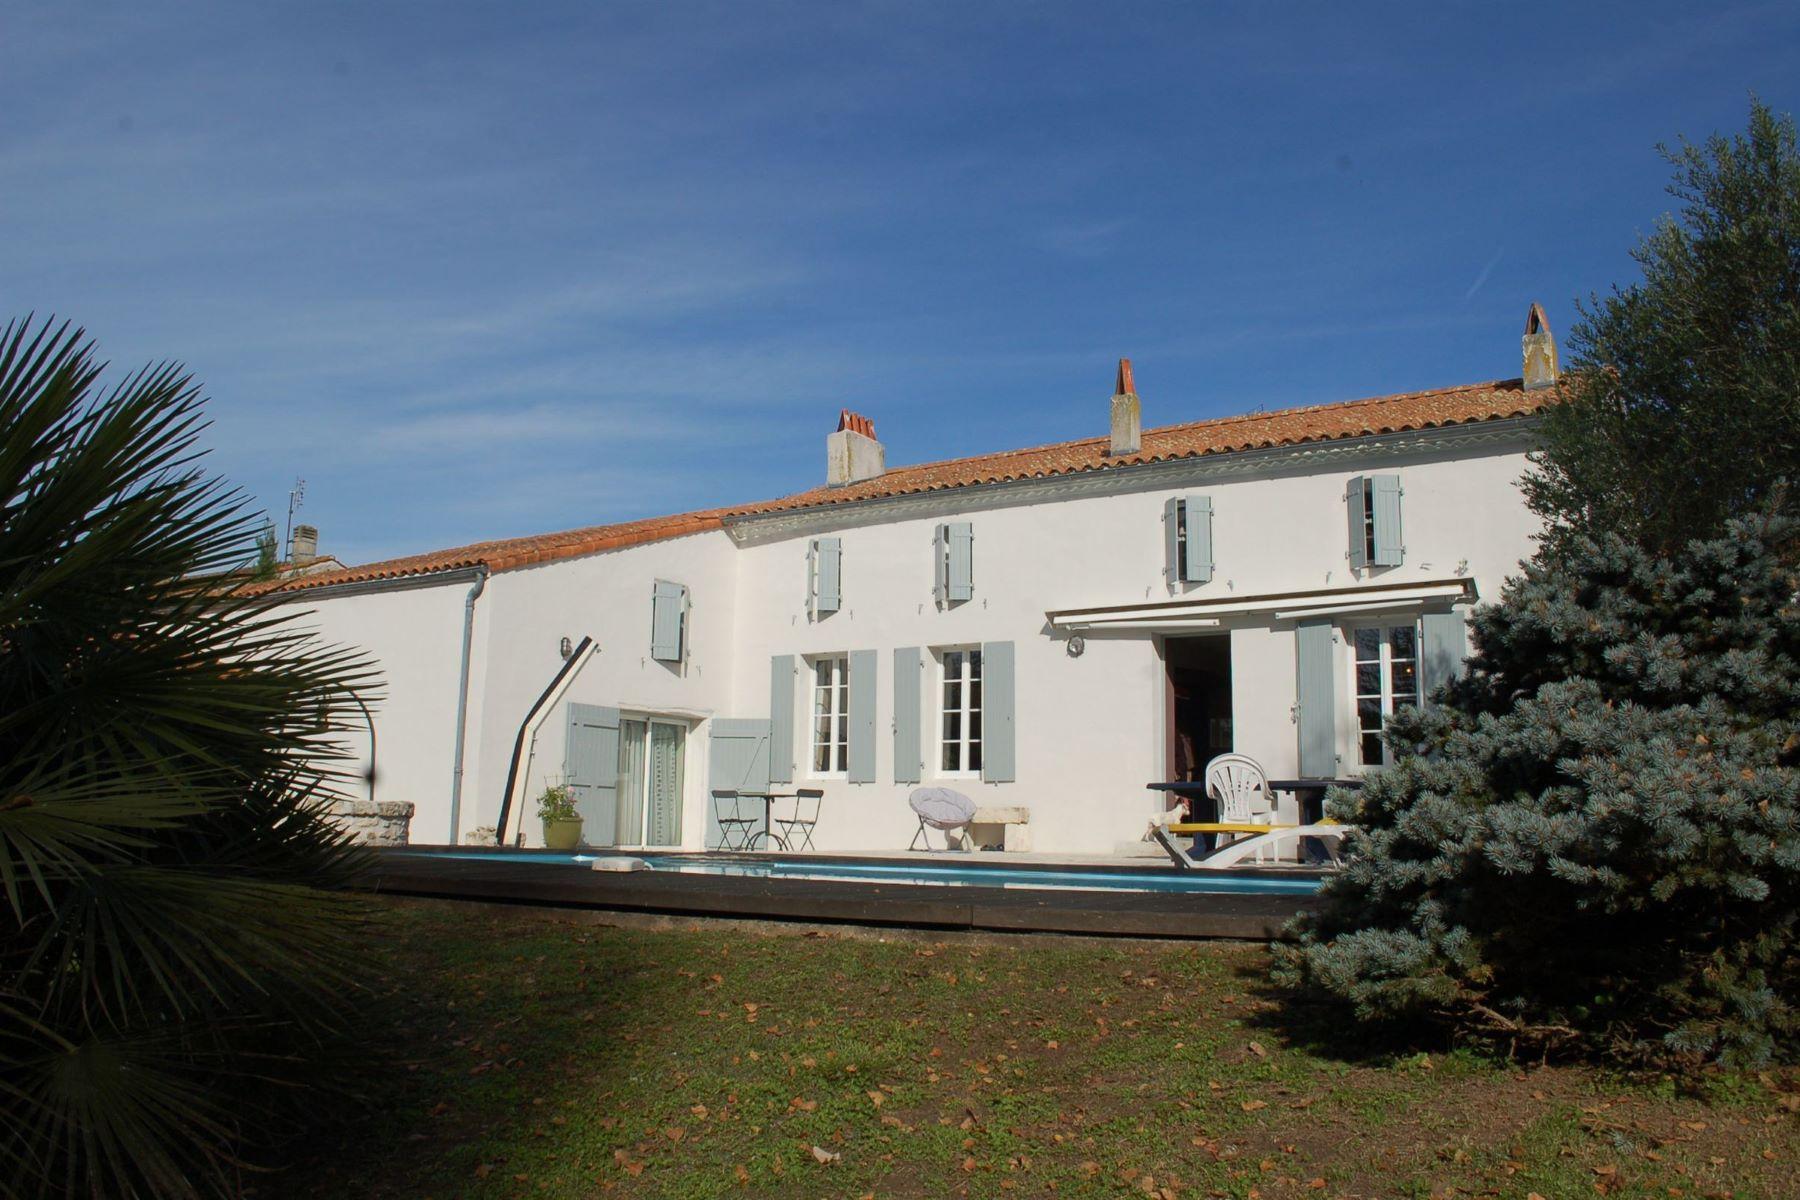 Casa Unifamiliar por un Venta en Charentaise Cozes, Poitou-Charentes, 17120 Francia